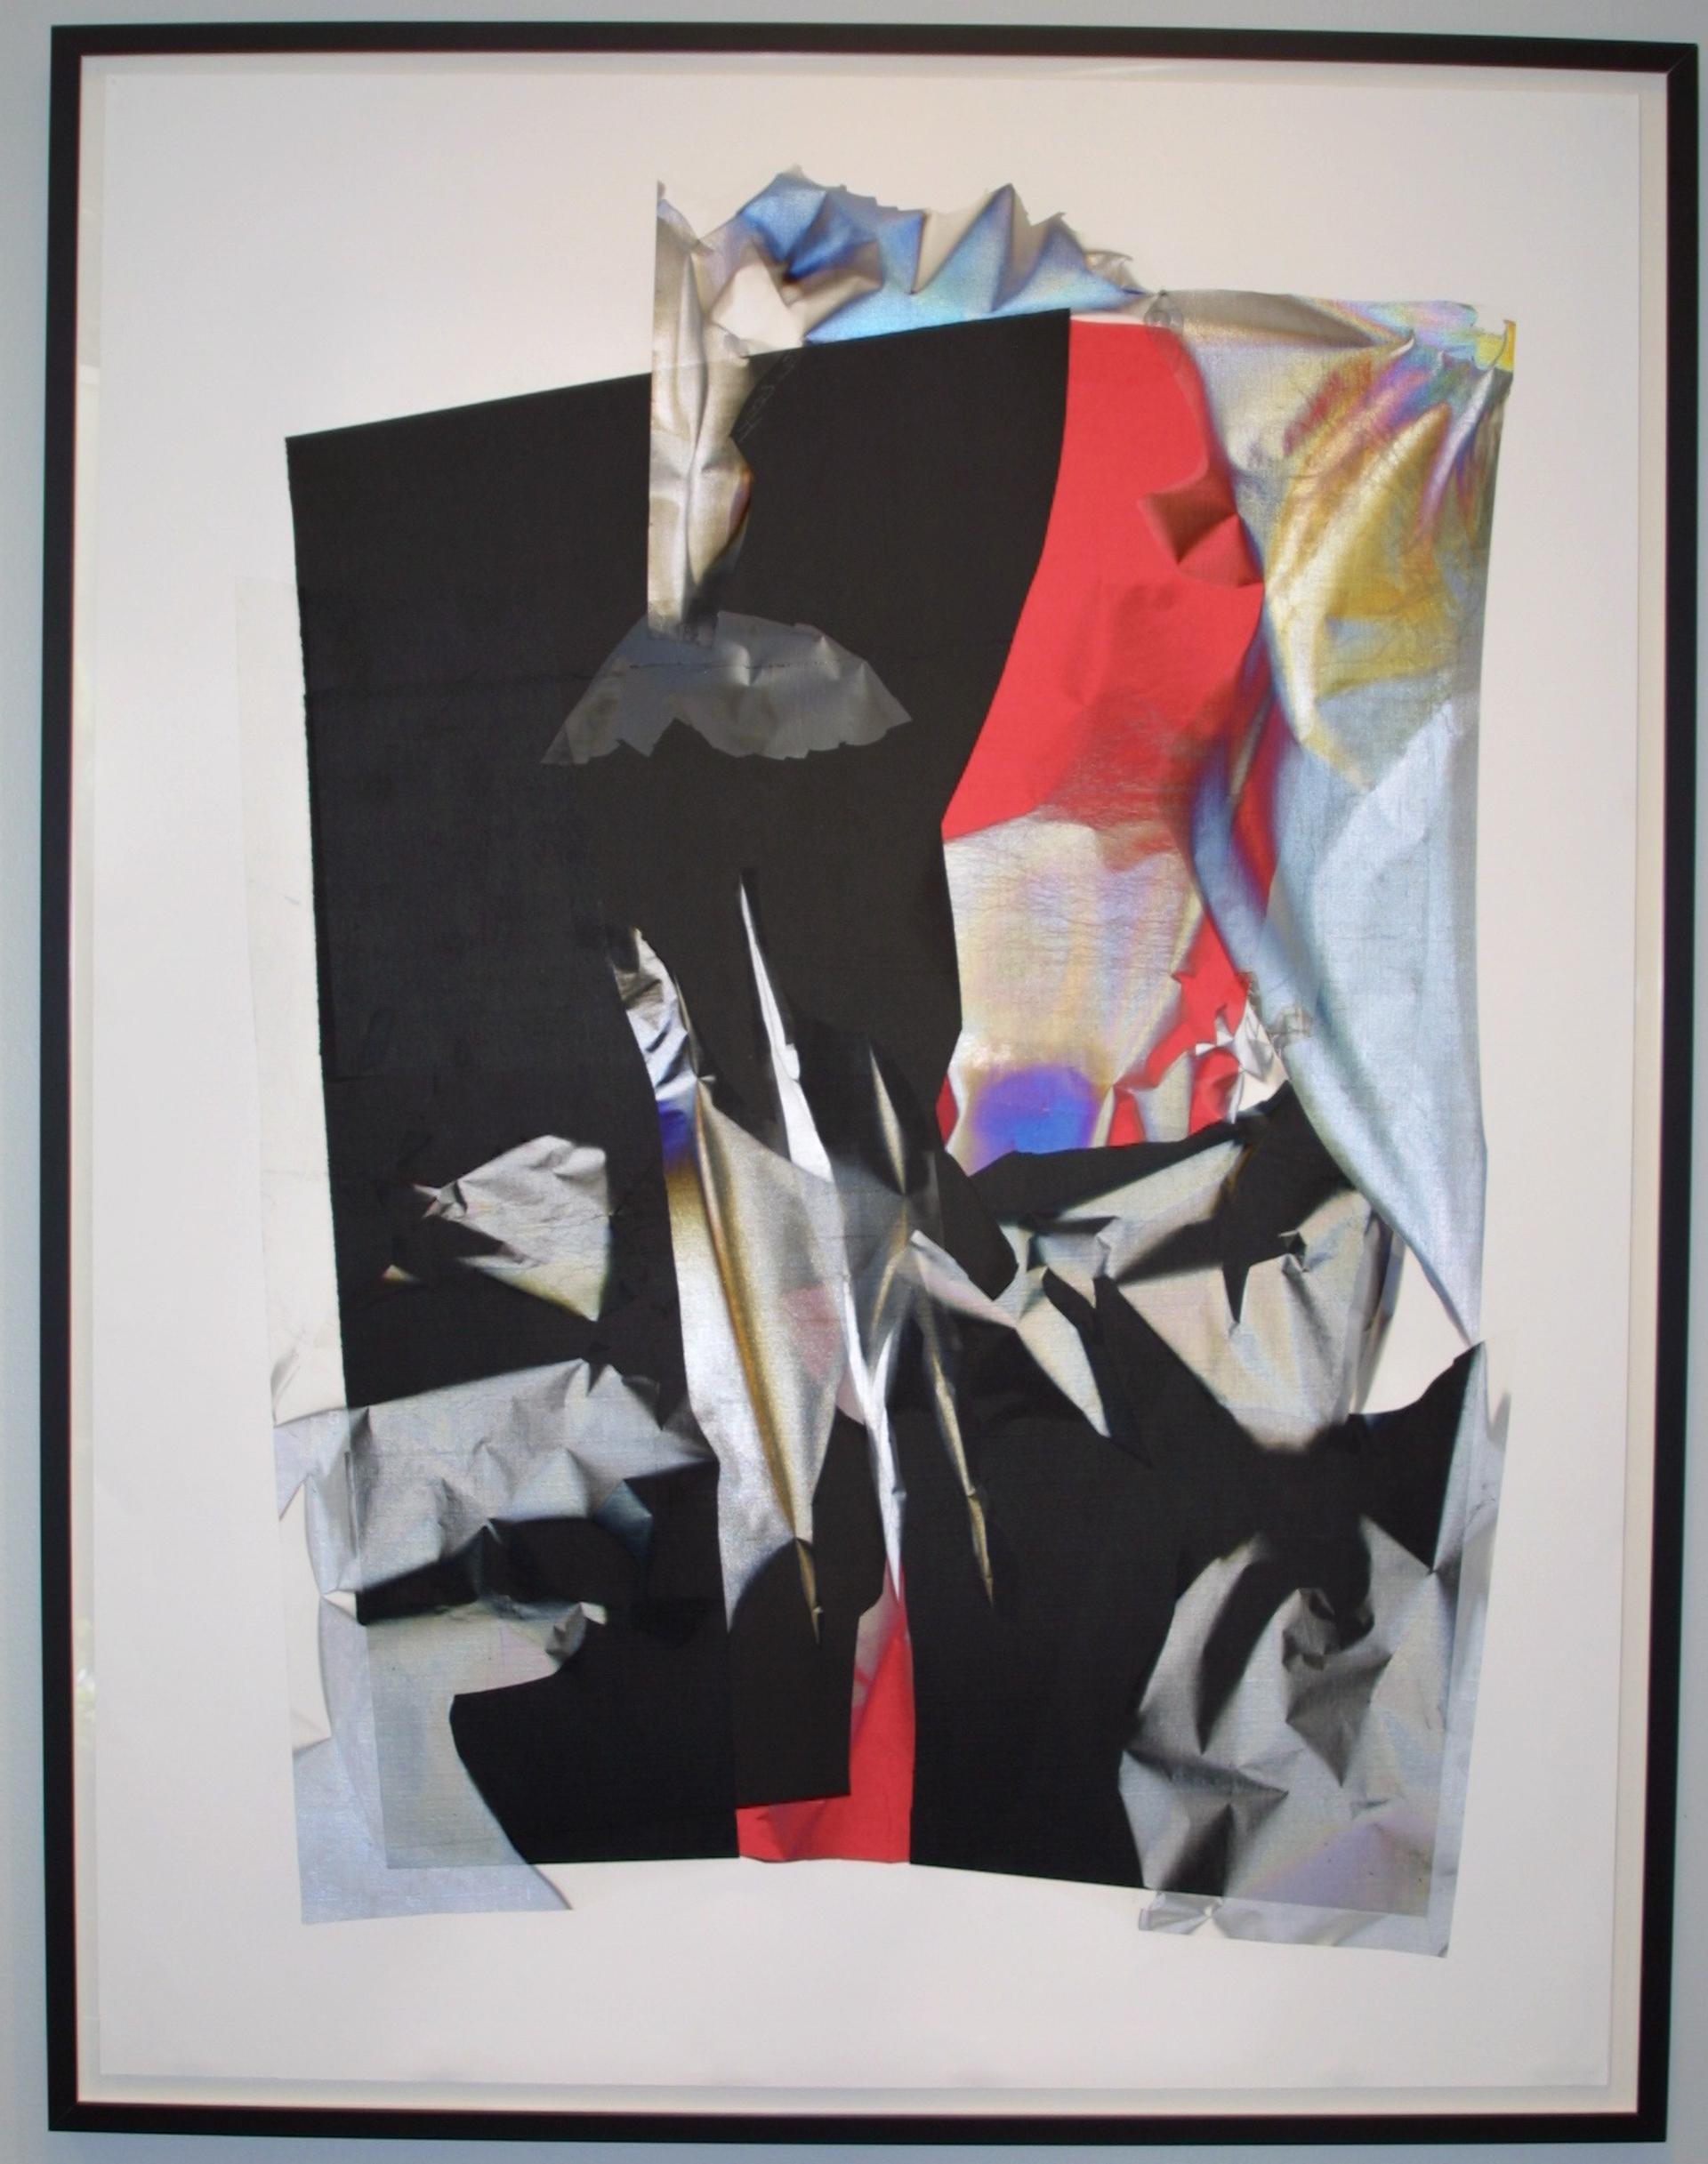 MVD 63 by Larry Bell